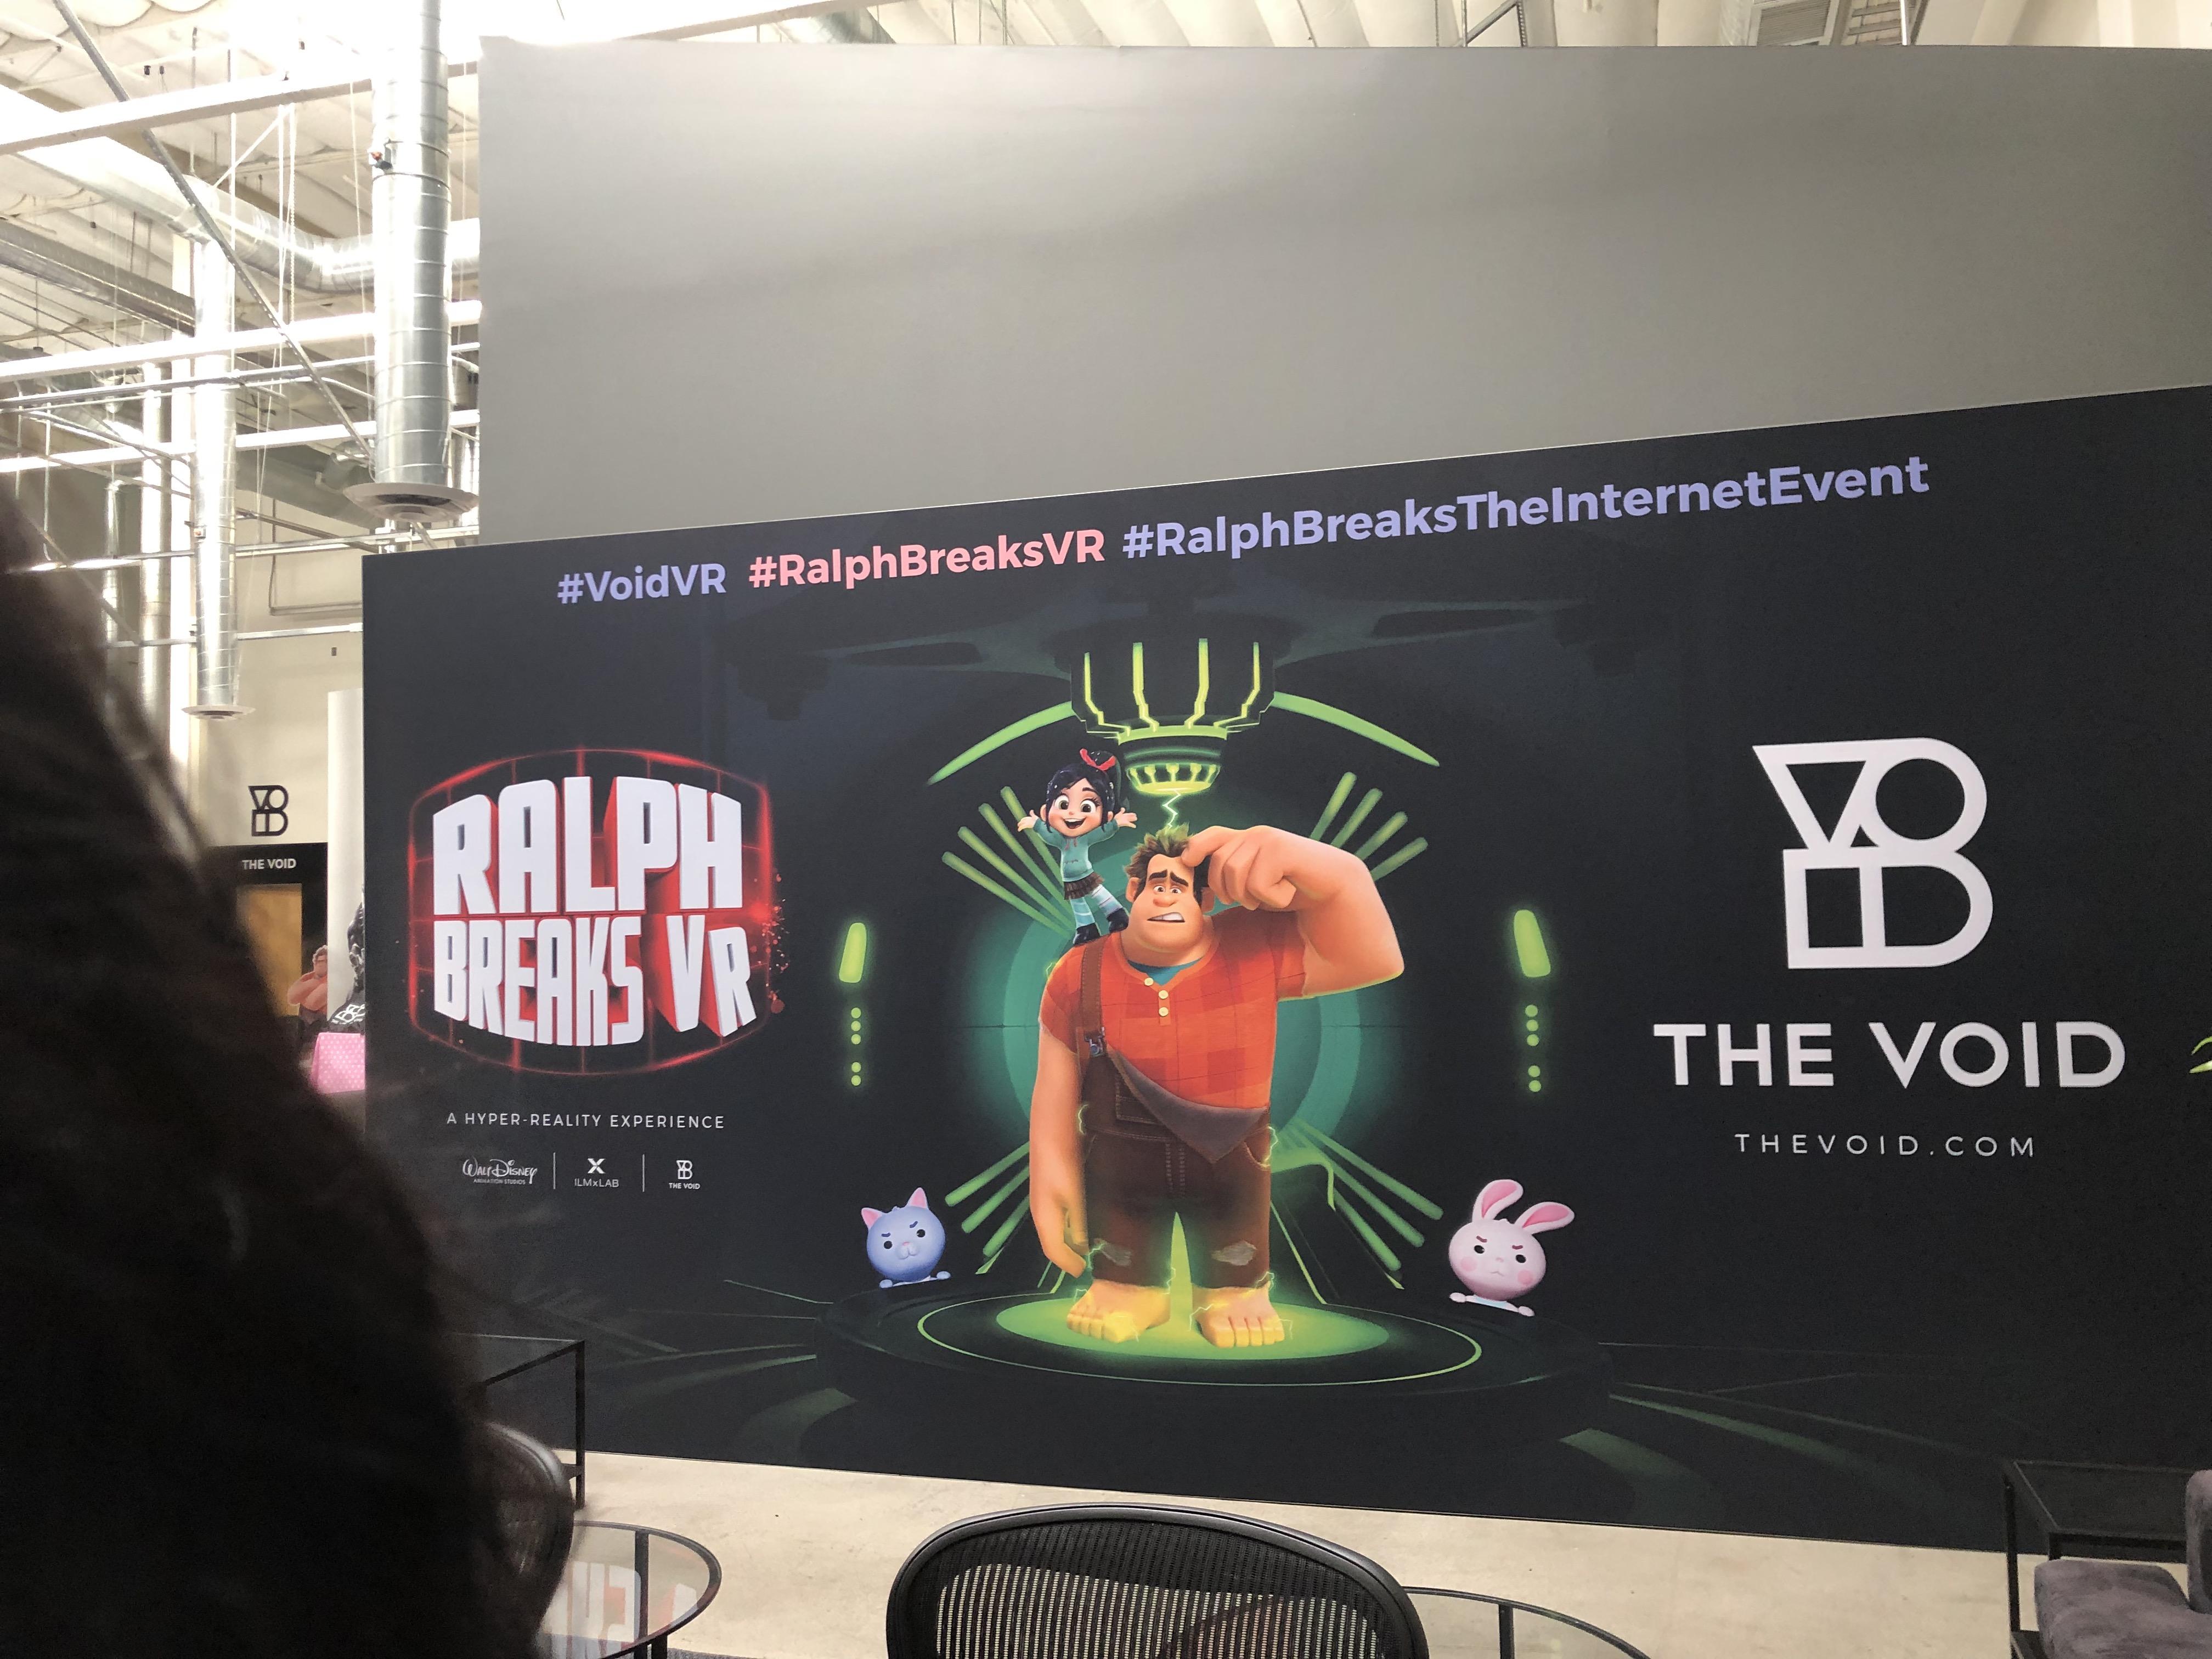 The Void #RalphBreaksVR